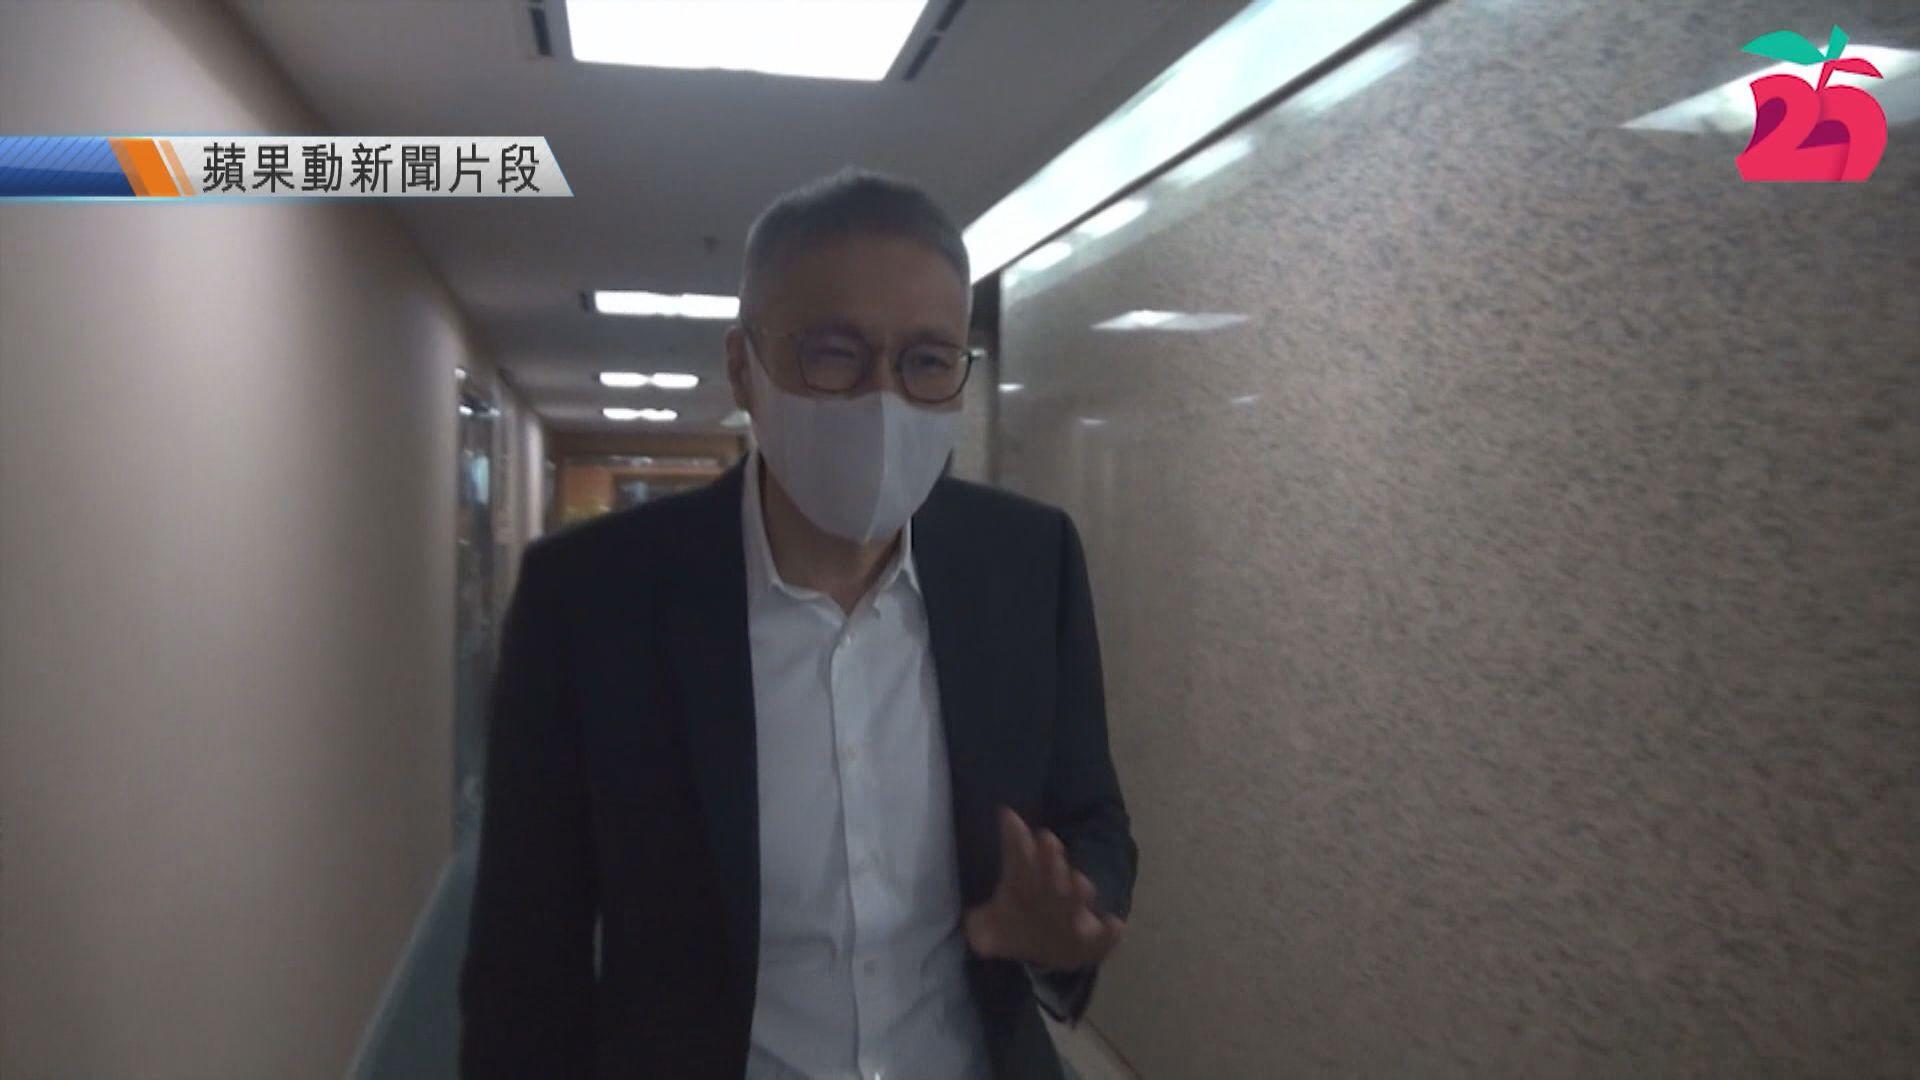 管浩鳴:陳同佳仍未取得入台簽證